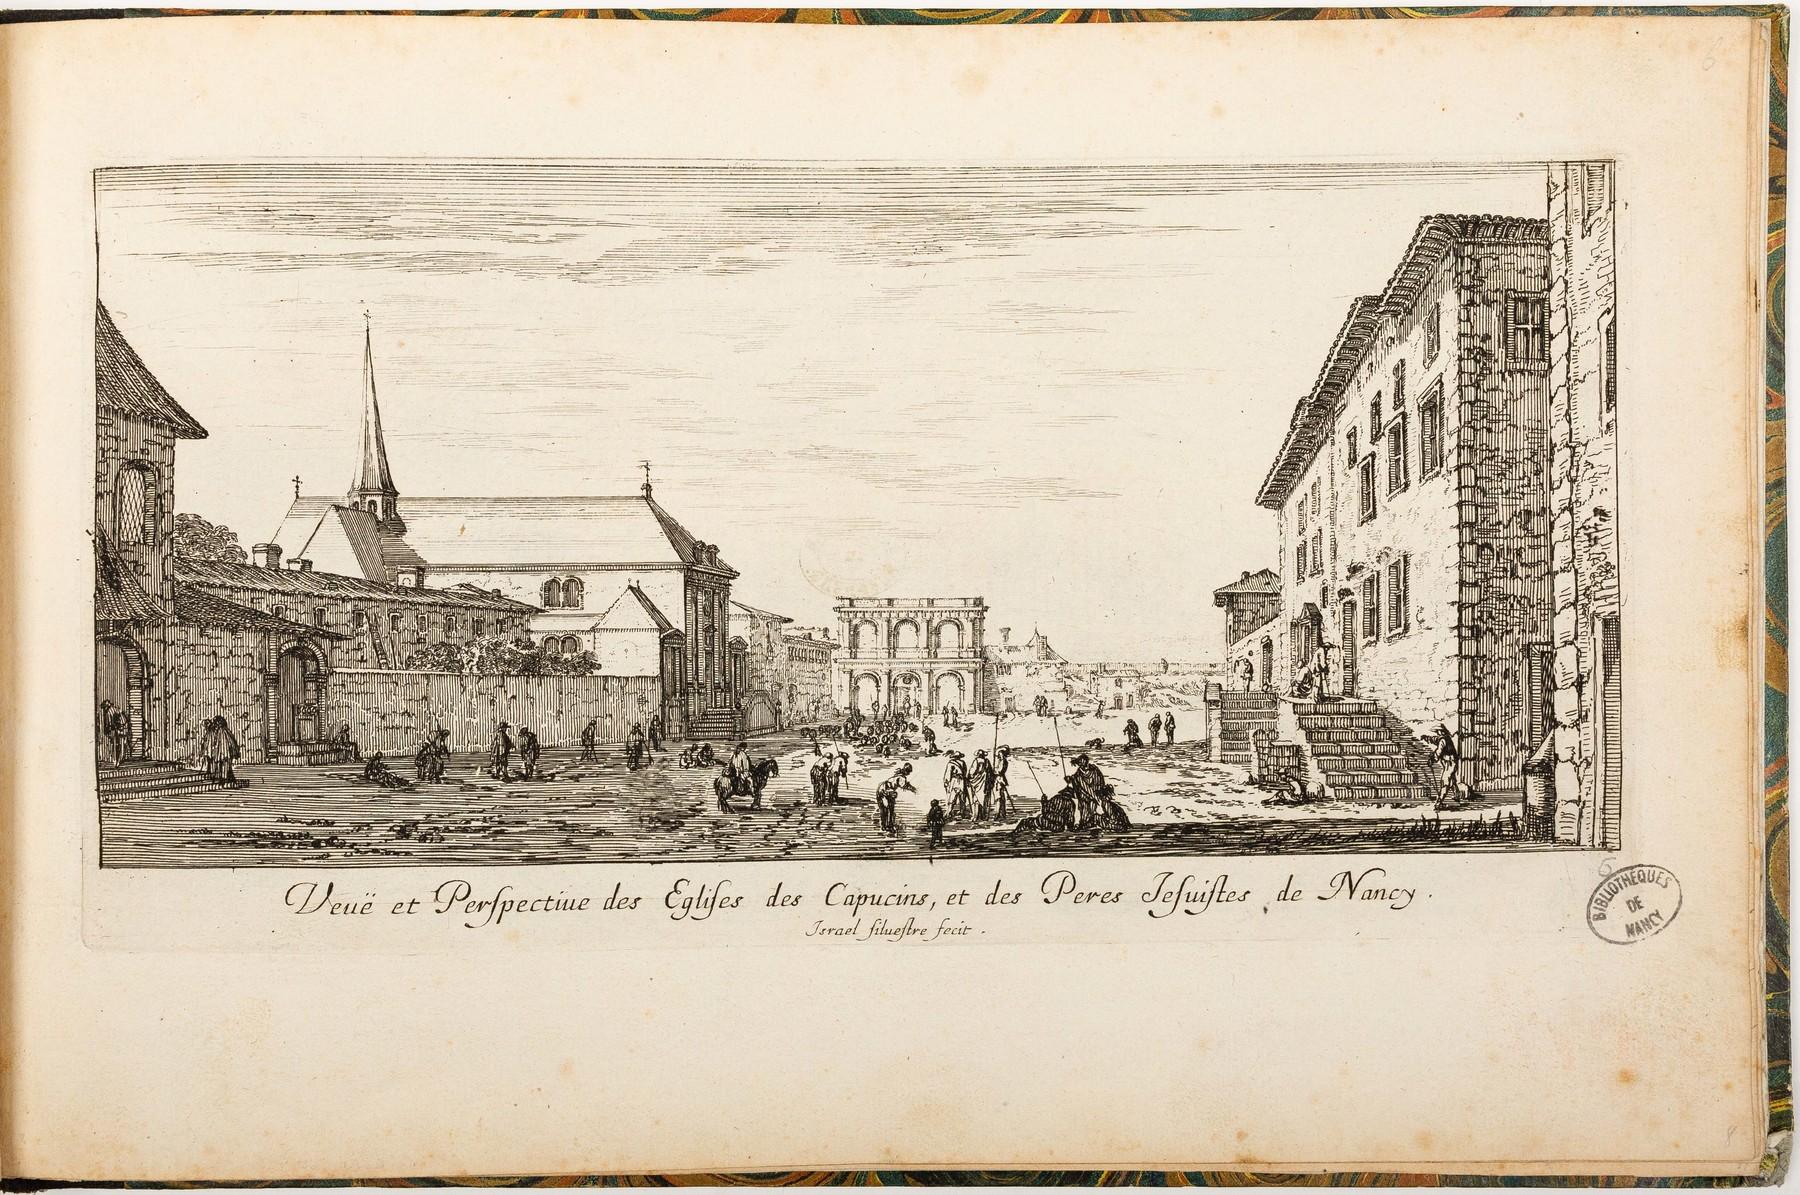 Contenu du Veuë et Perspective des Eglises des Capucins, et des Peres Jesuites de Nancy